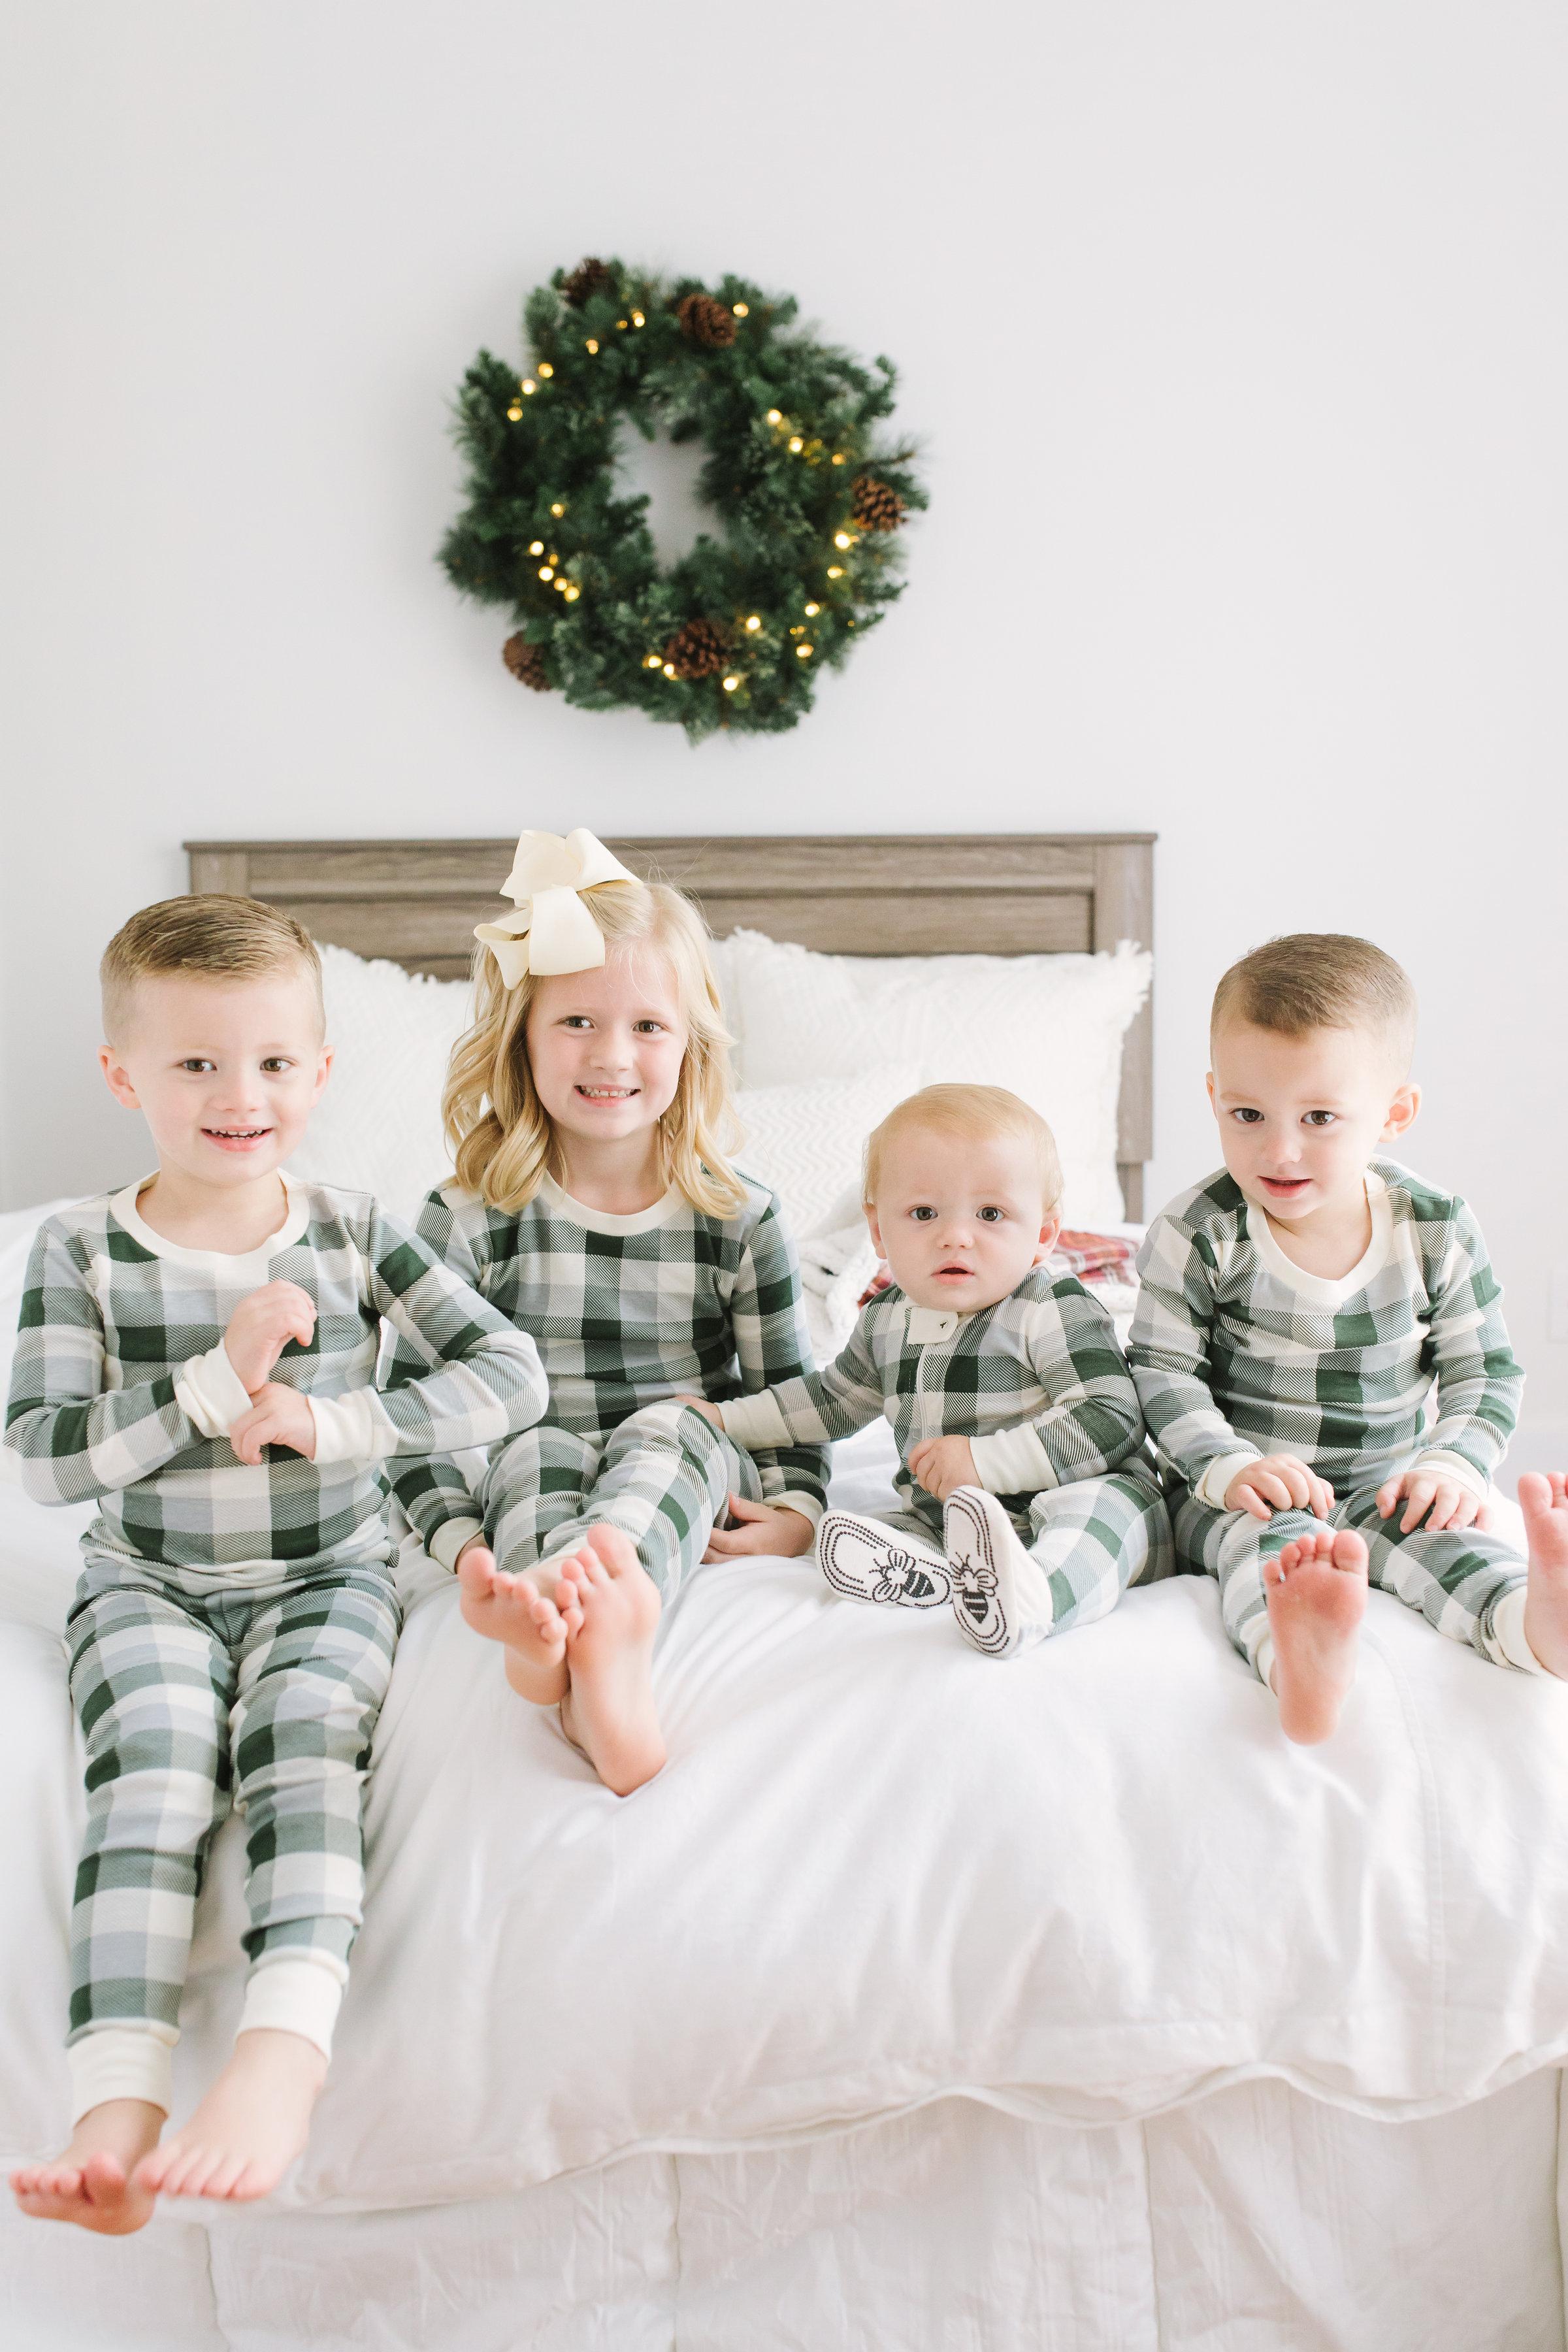 Family Christmas Pajamas With Baby.Christmas Family Jammies